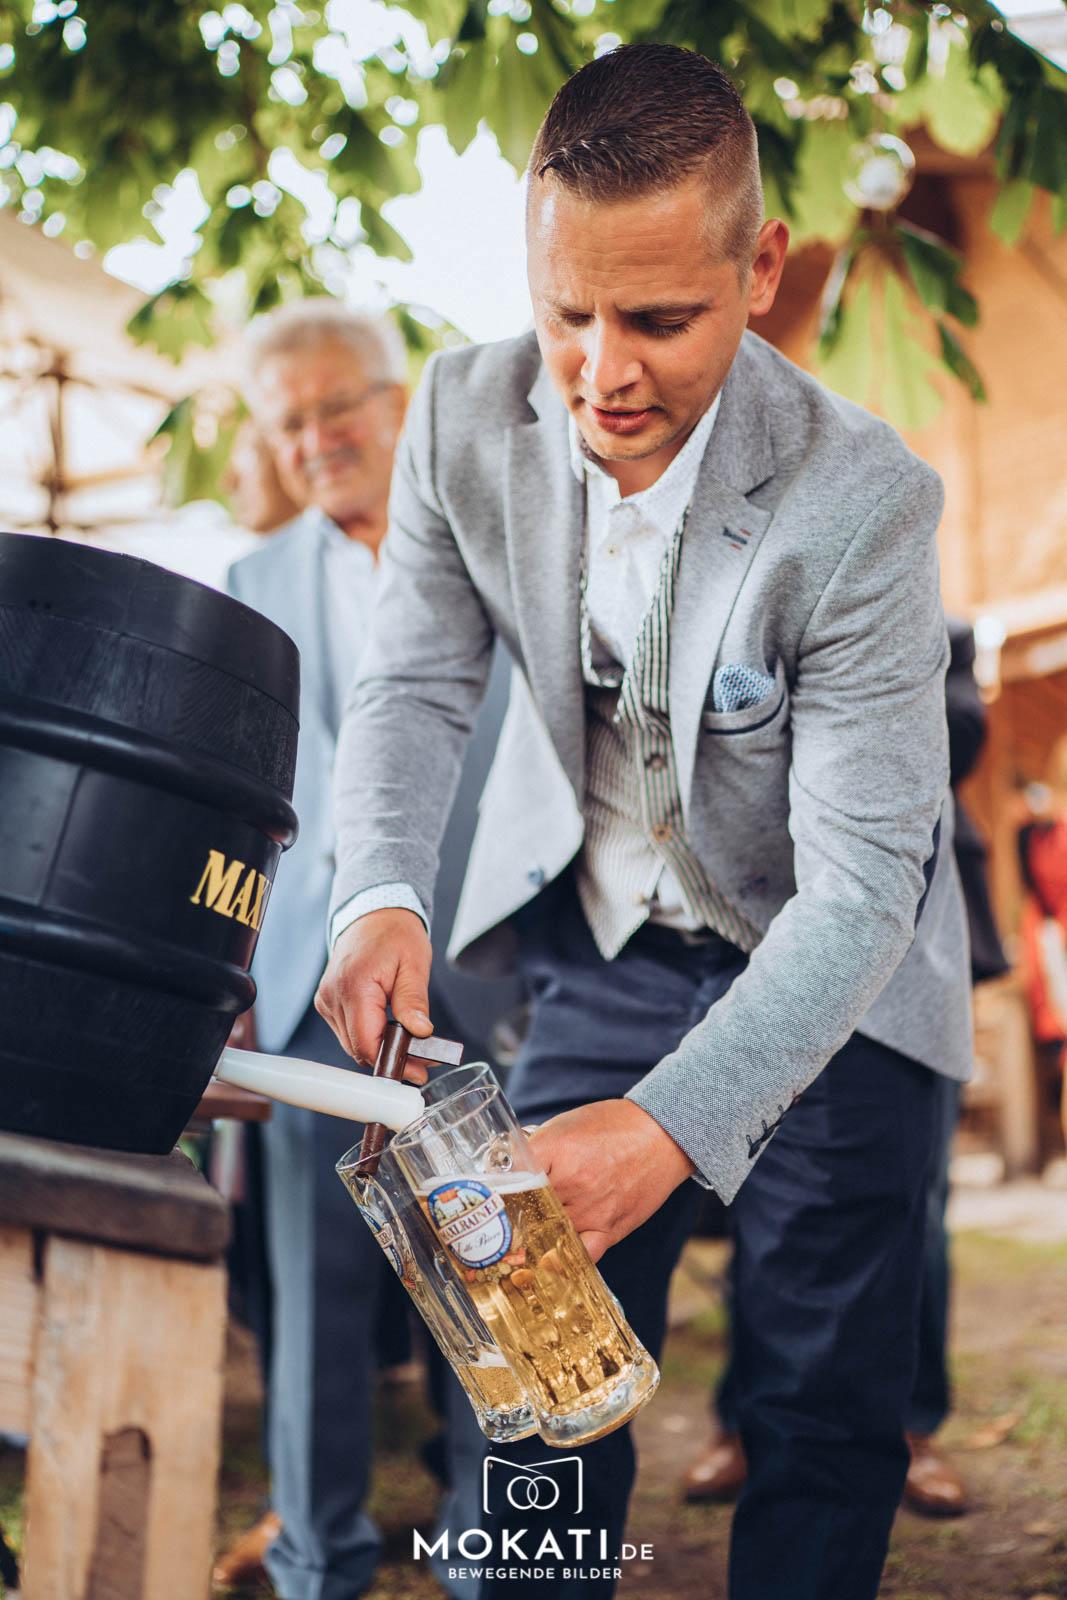 Auf Wunsch vom Brautpaar gab es Bier zum selbst zapfen